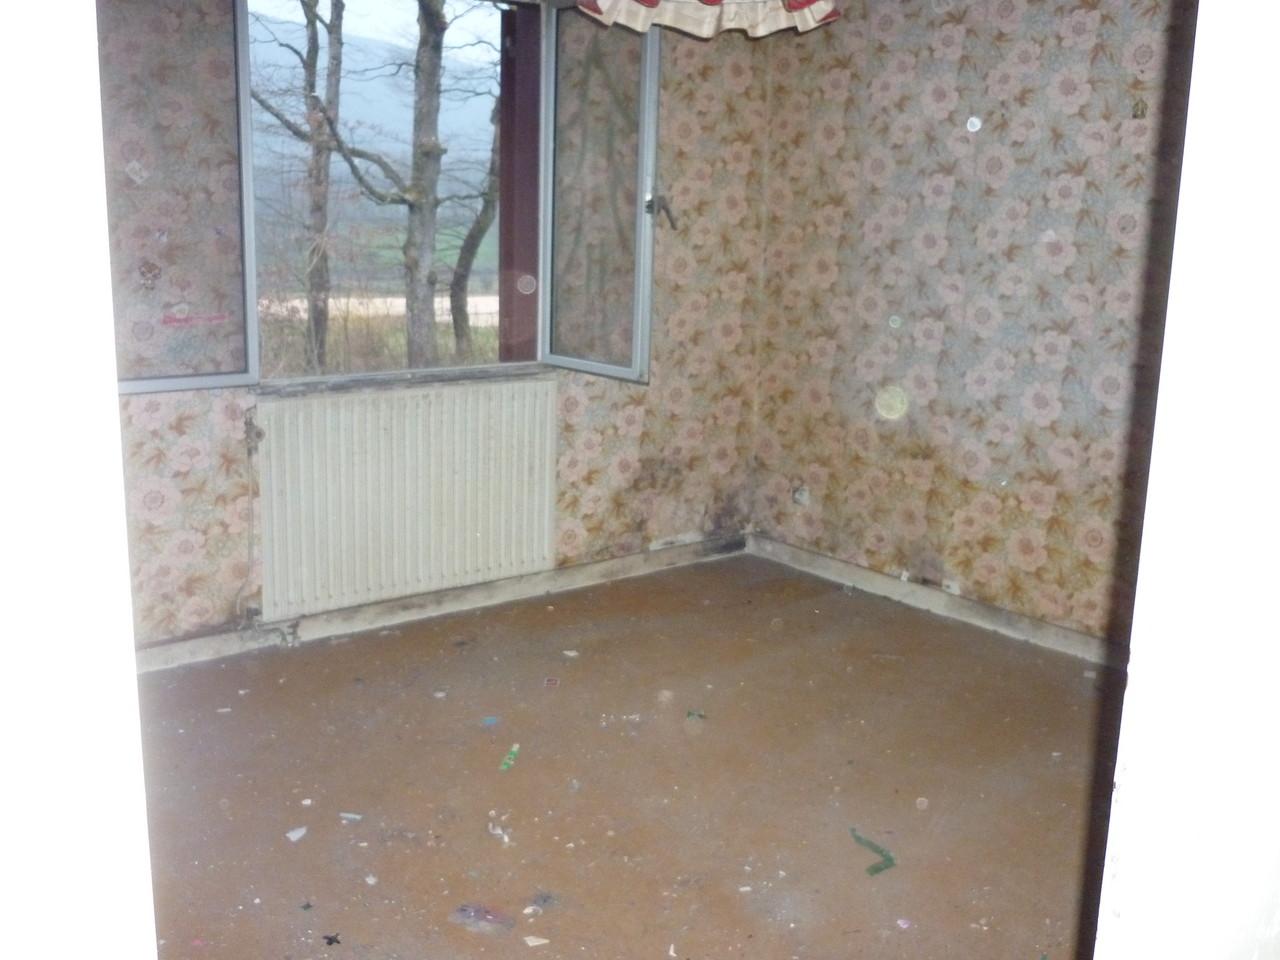 débarras d'une chambre à Gray, Haute Saône, 70, APRÈS INTERVENTION....... entreprise de déblaiement-débarras AHLEN